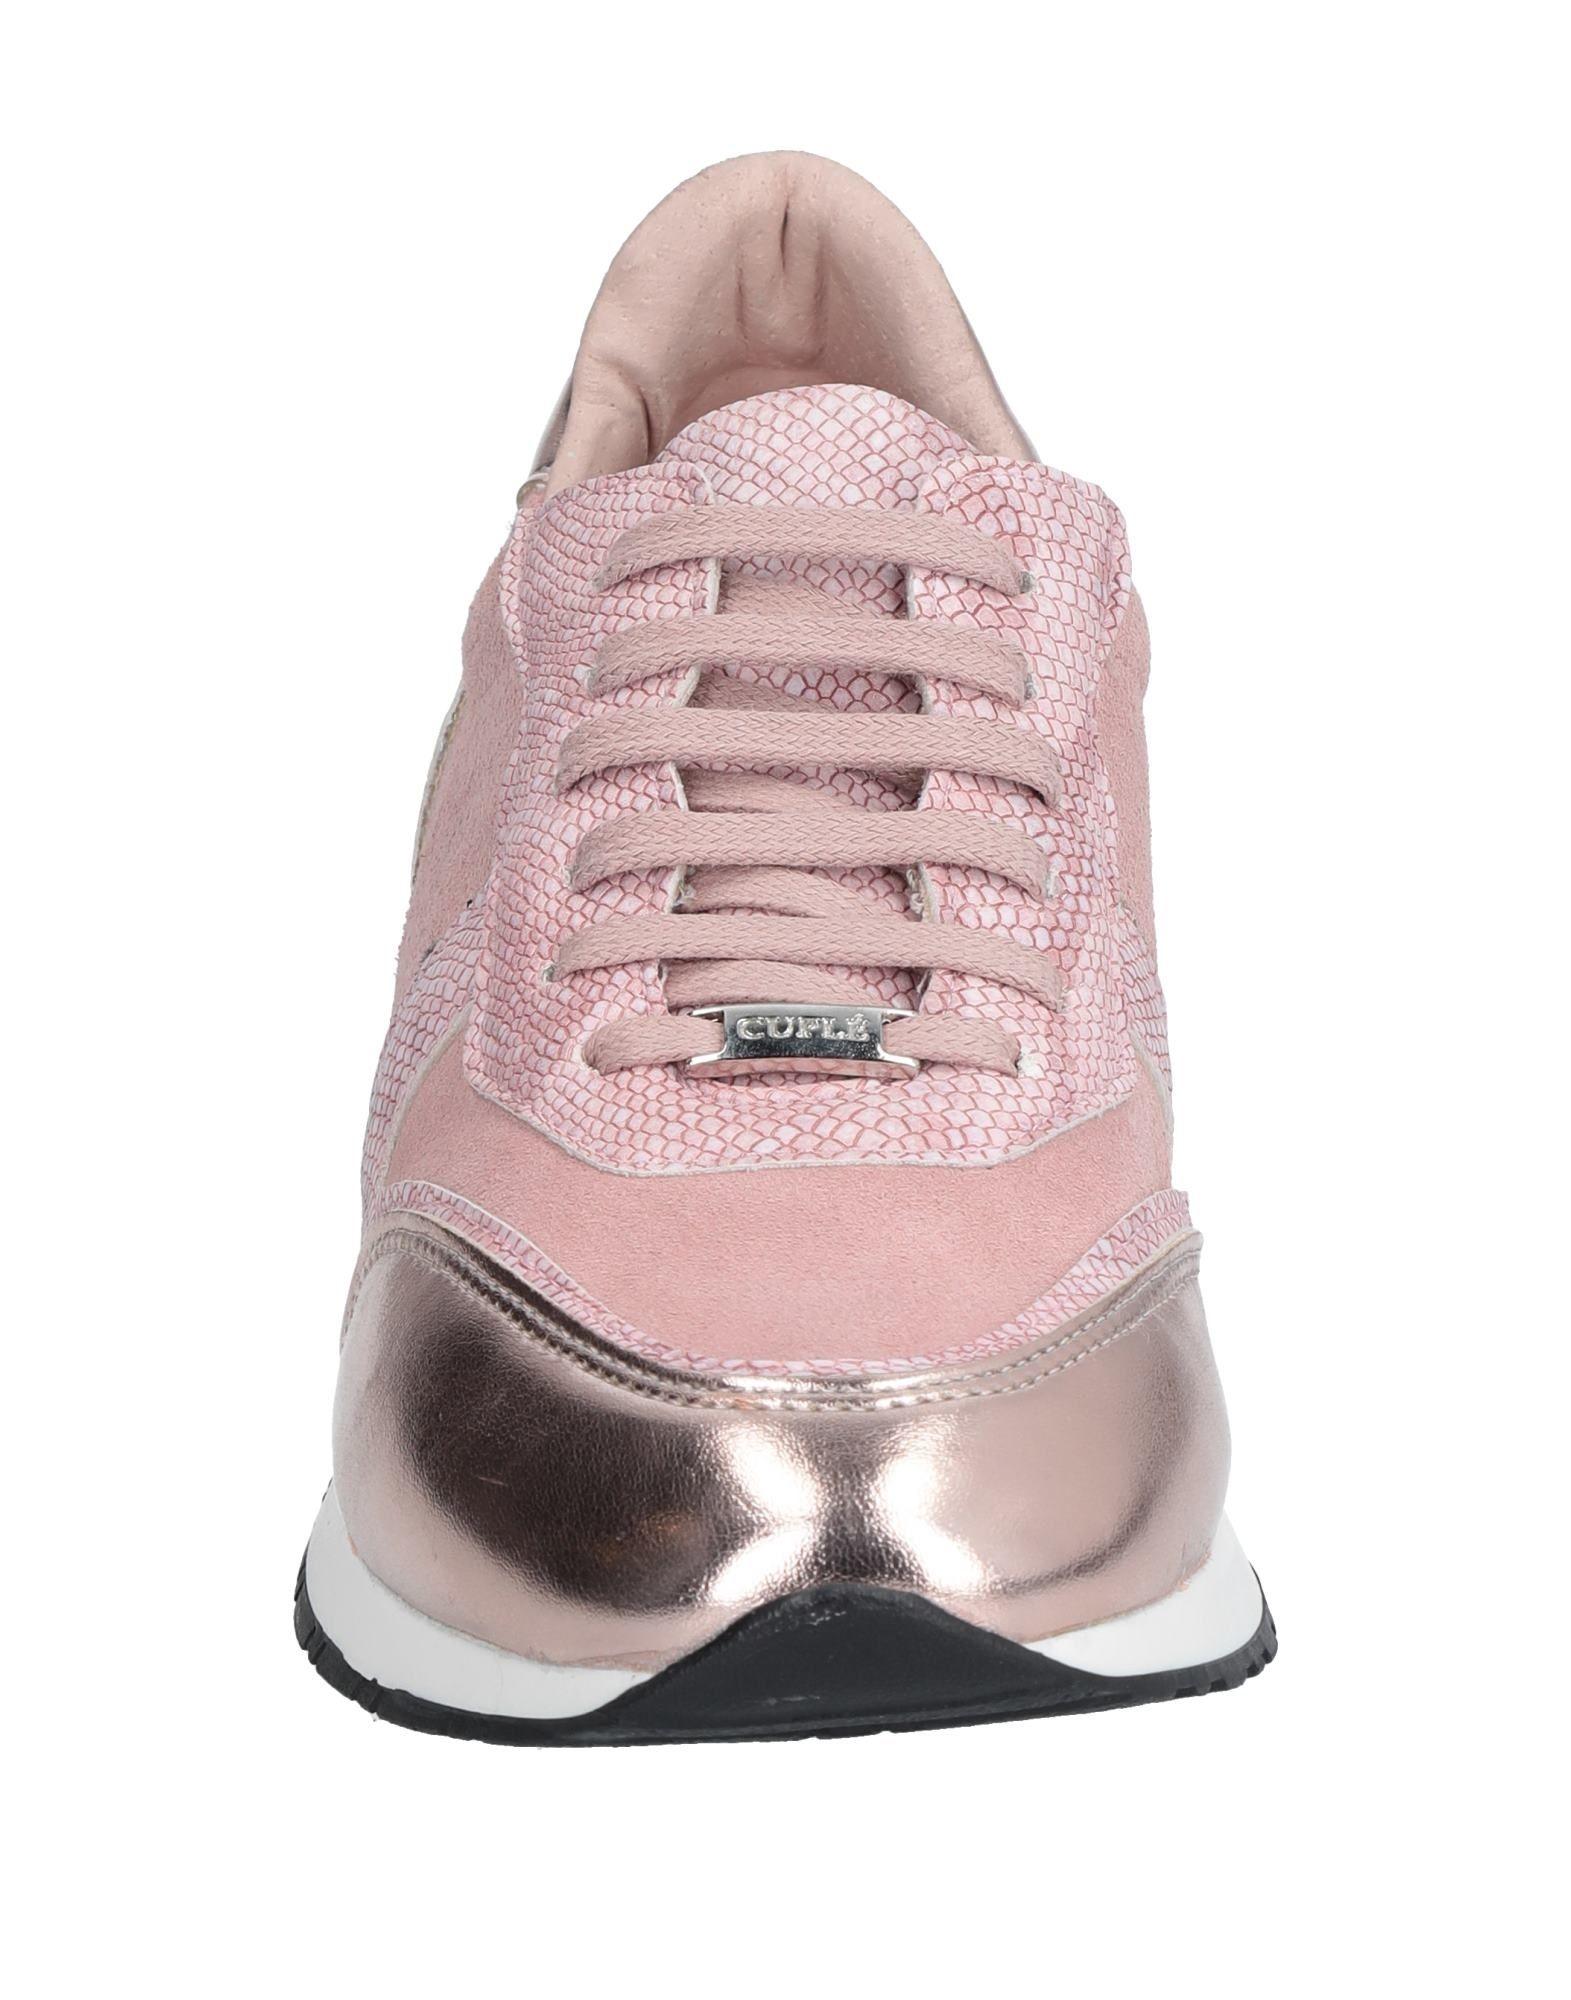 Cuplé Sneakers Damen Damen Sneakers  11542891RJ  201e37